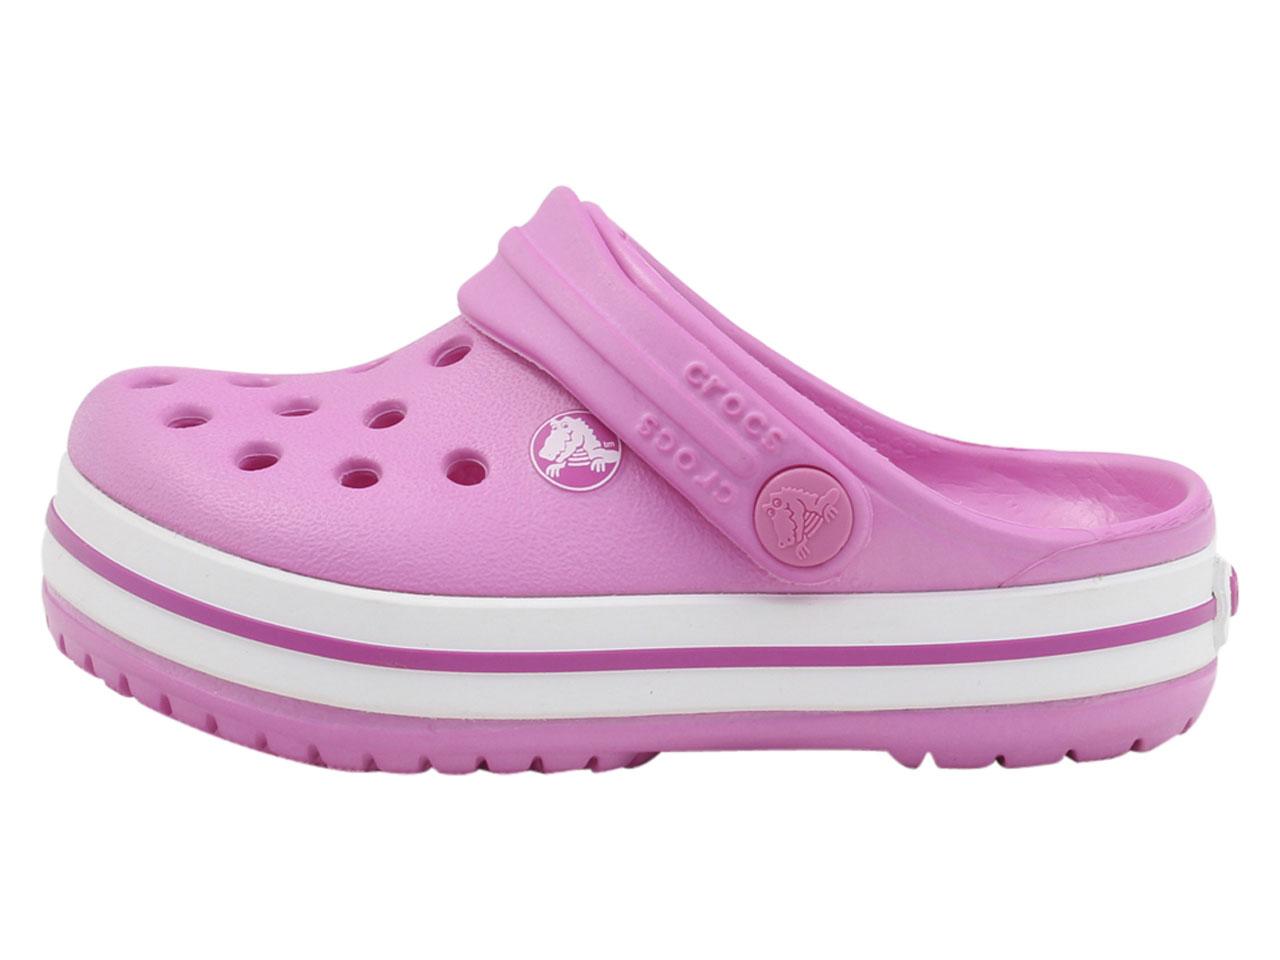 Crocs-Little-Kid-039-s-Crocband-Clogs-Sandals-Shoes thumbnail 10